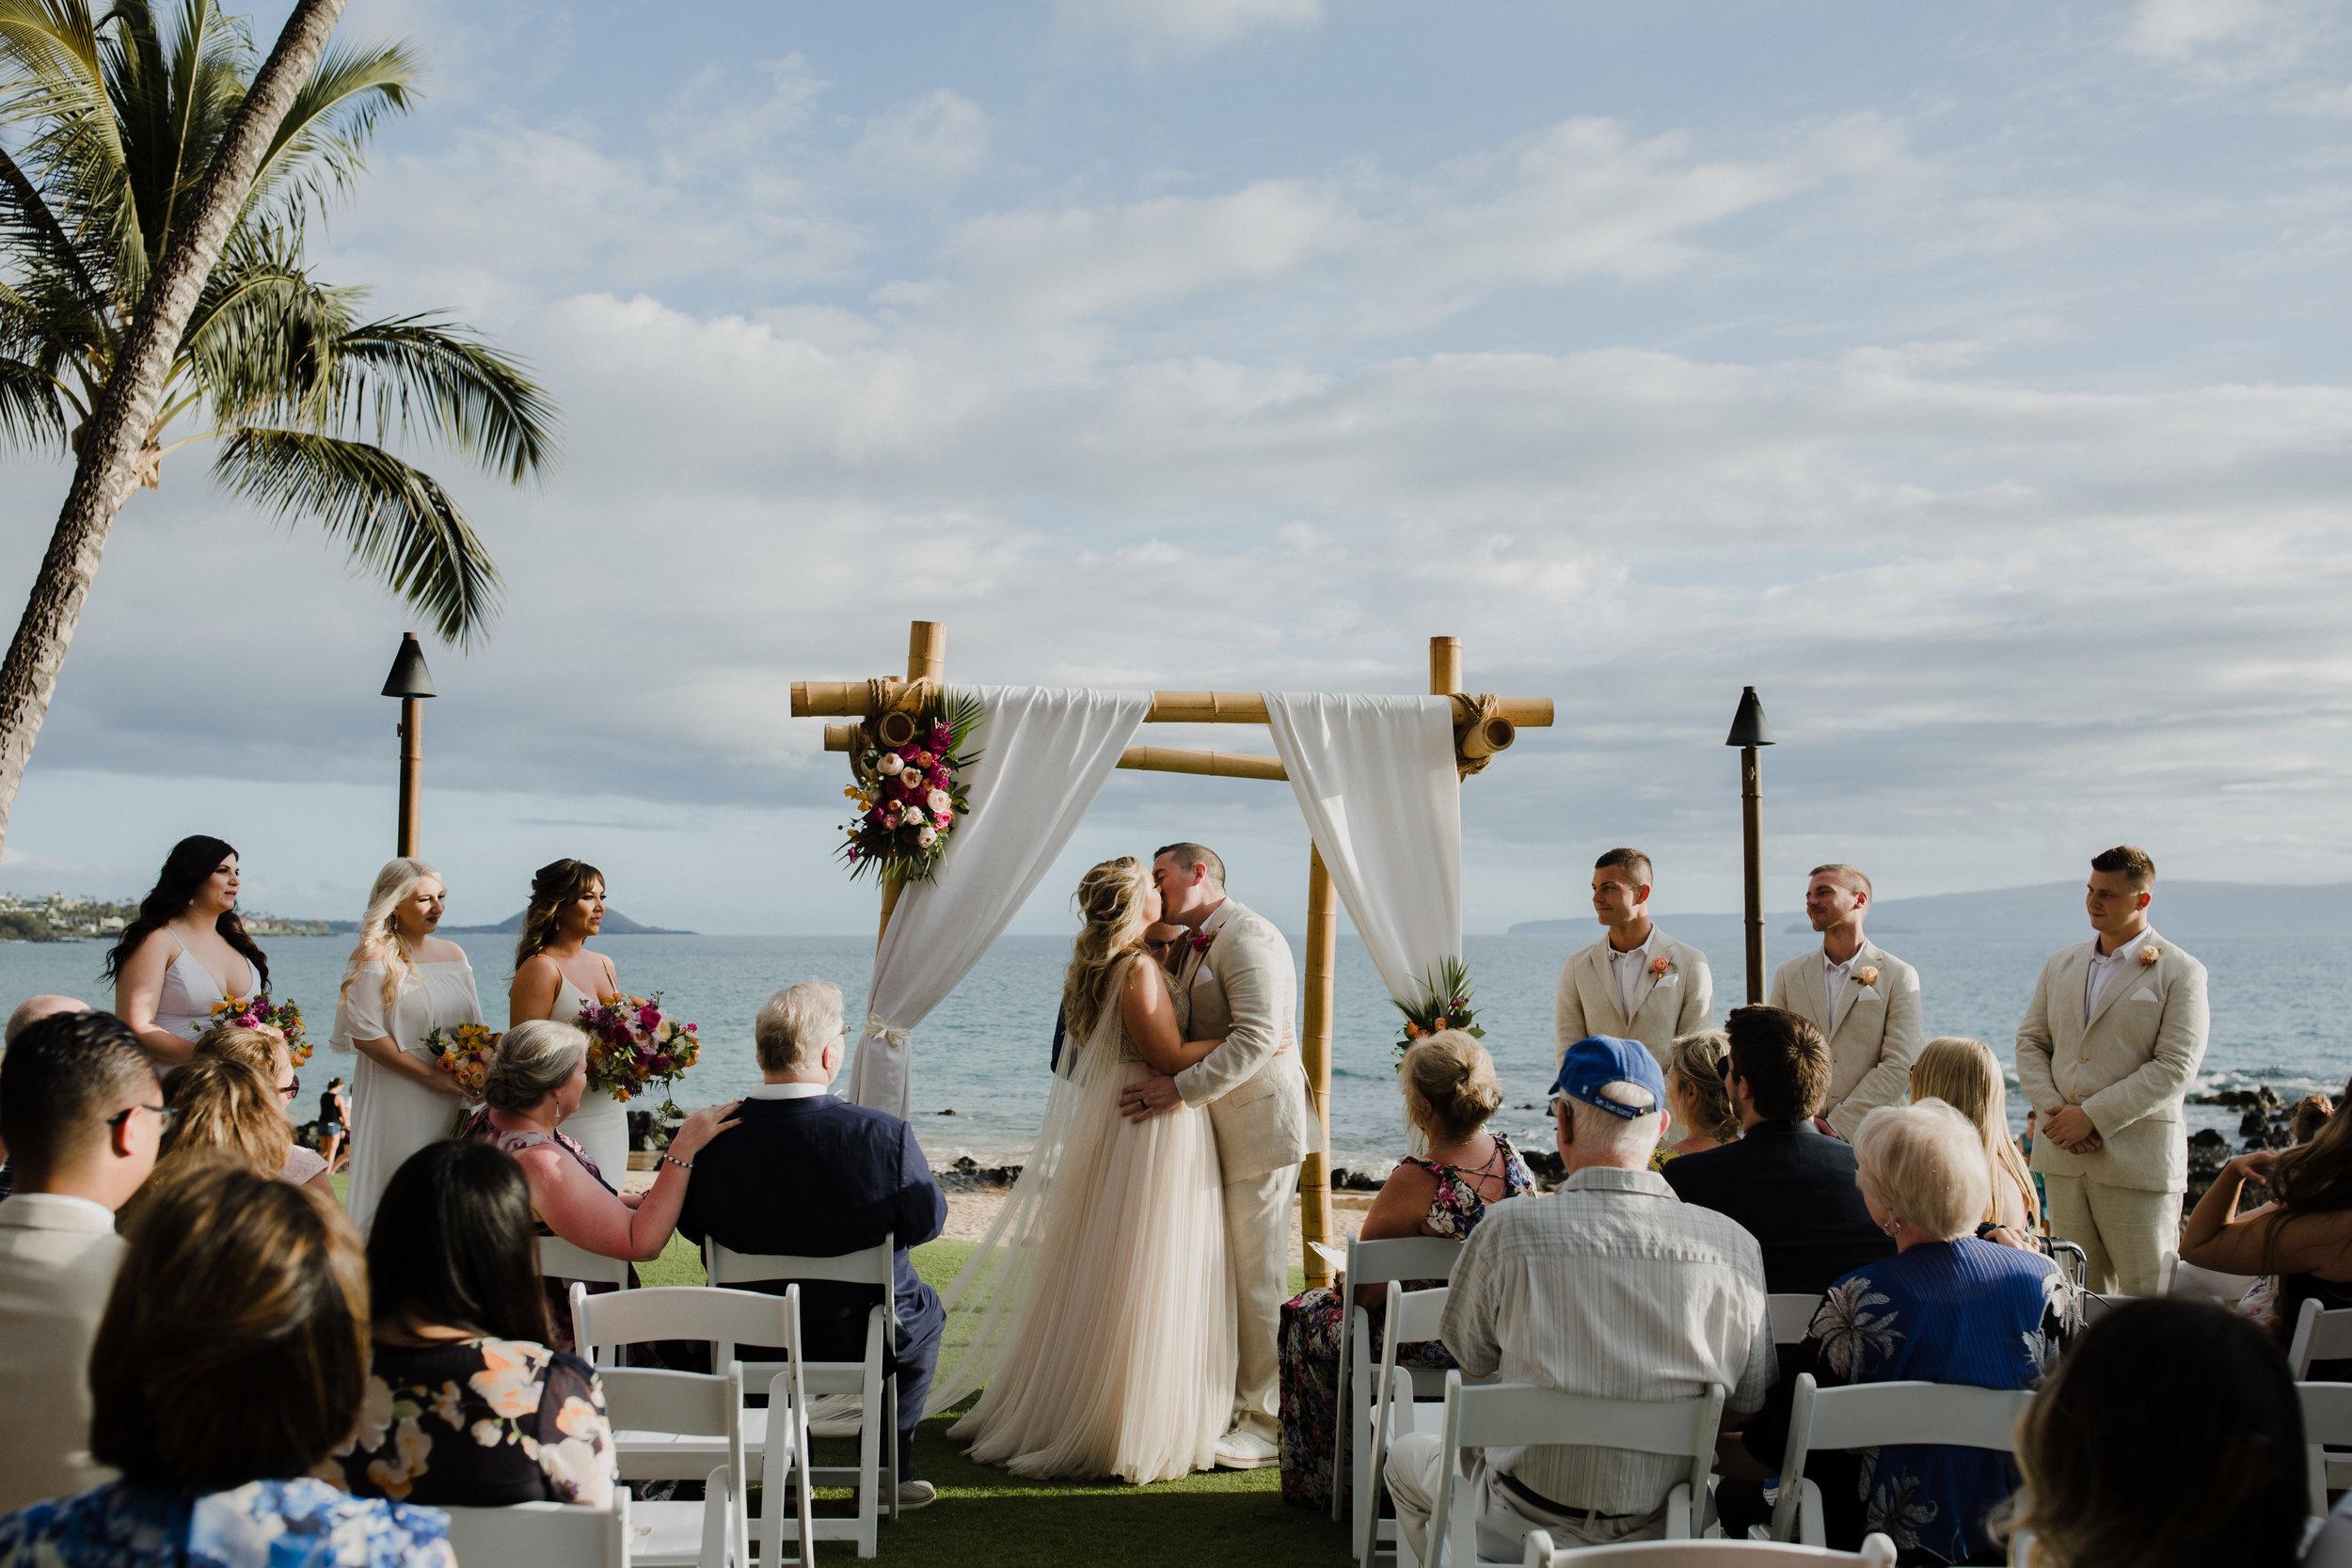 Stephanie-Betsill-Photography-Maui-Photographer-Hawaii-Wedding-Photographer-0710.jpg